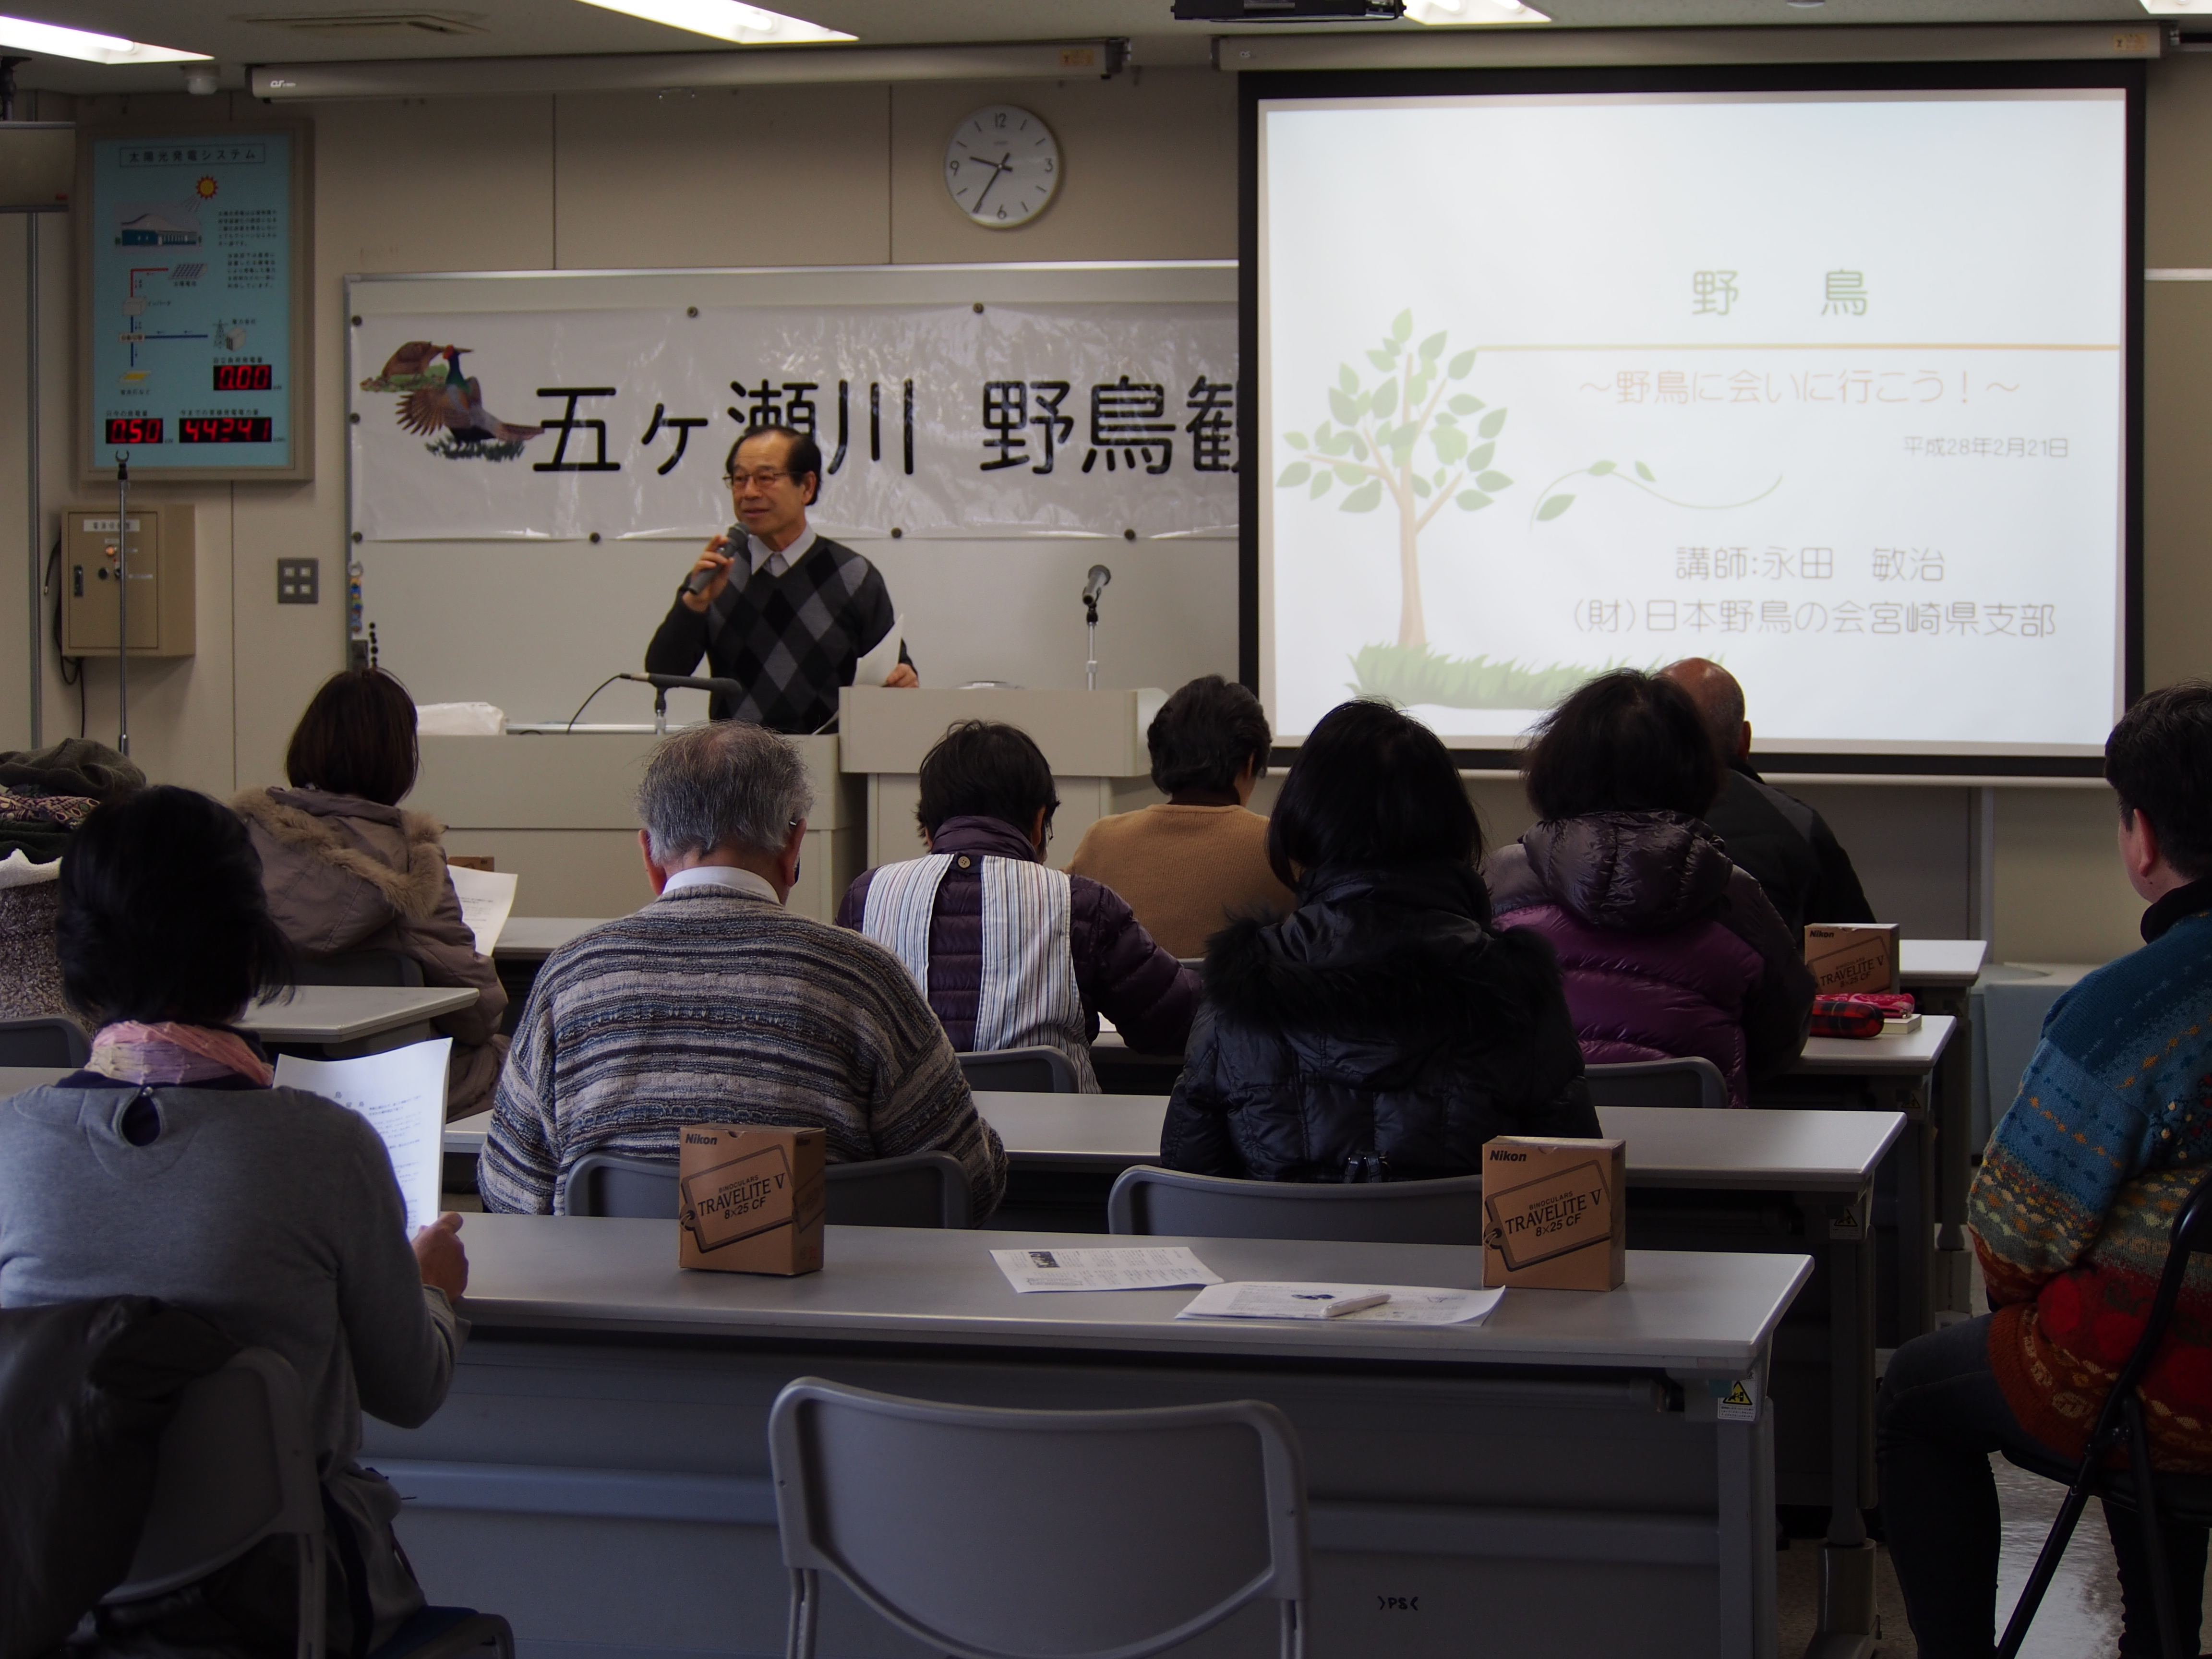 日本野鳥の会 永田さんによる事前説明